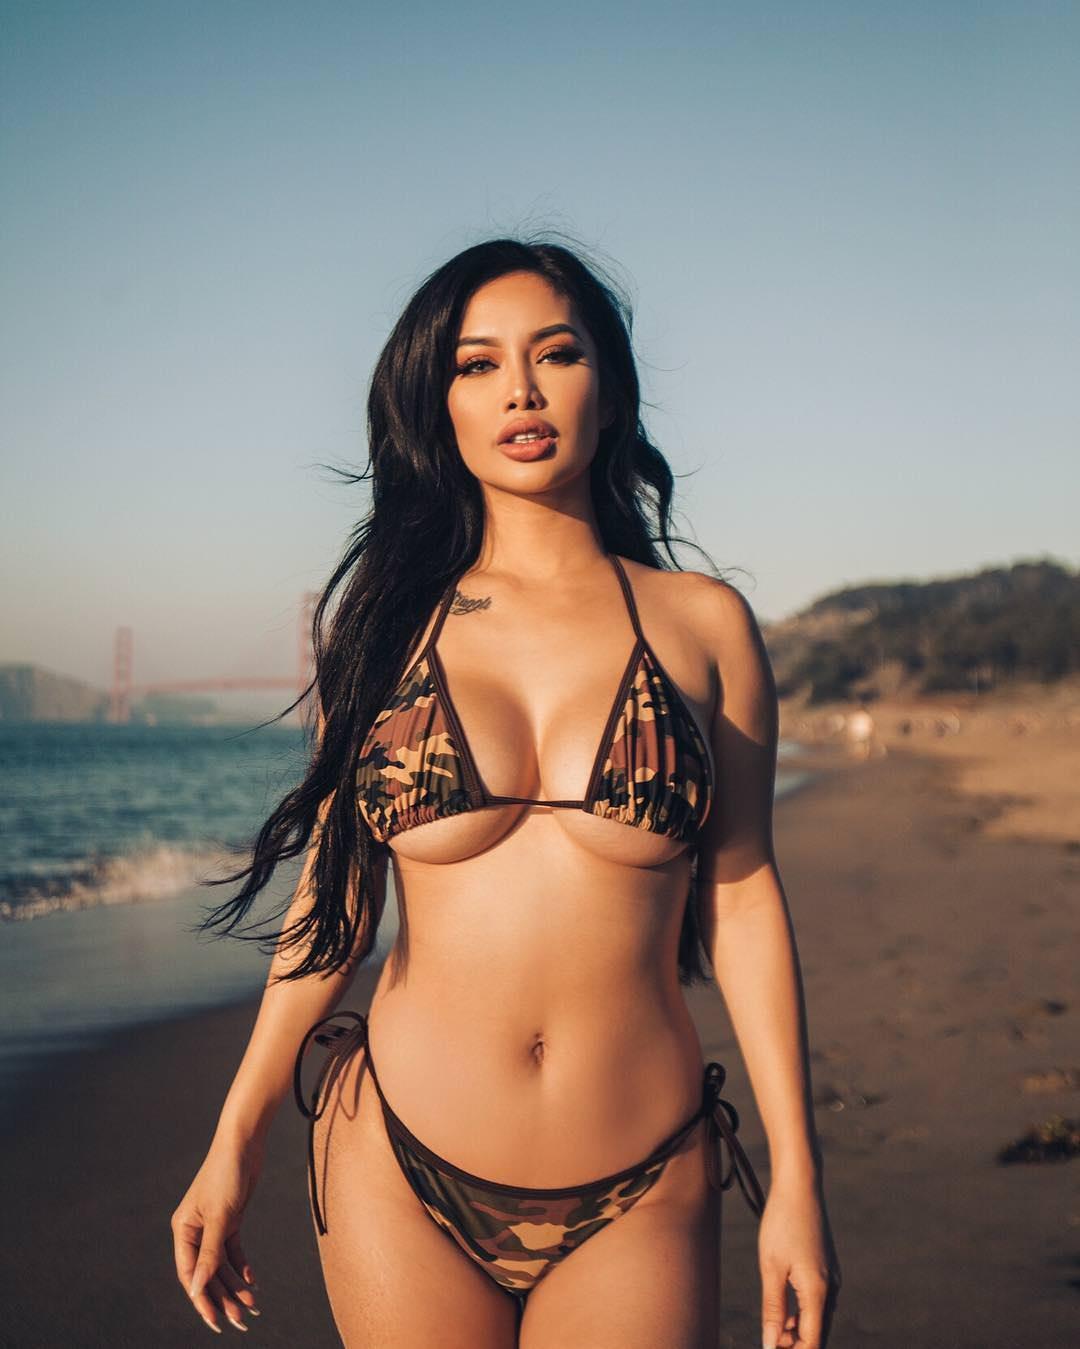 Ashley vee porn